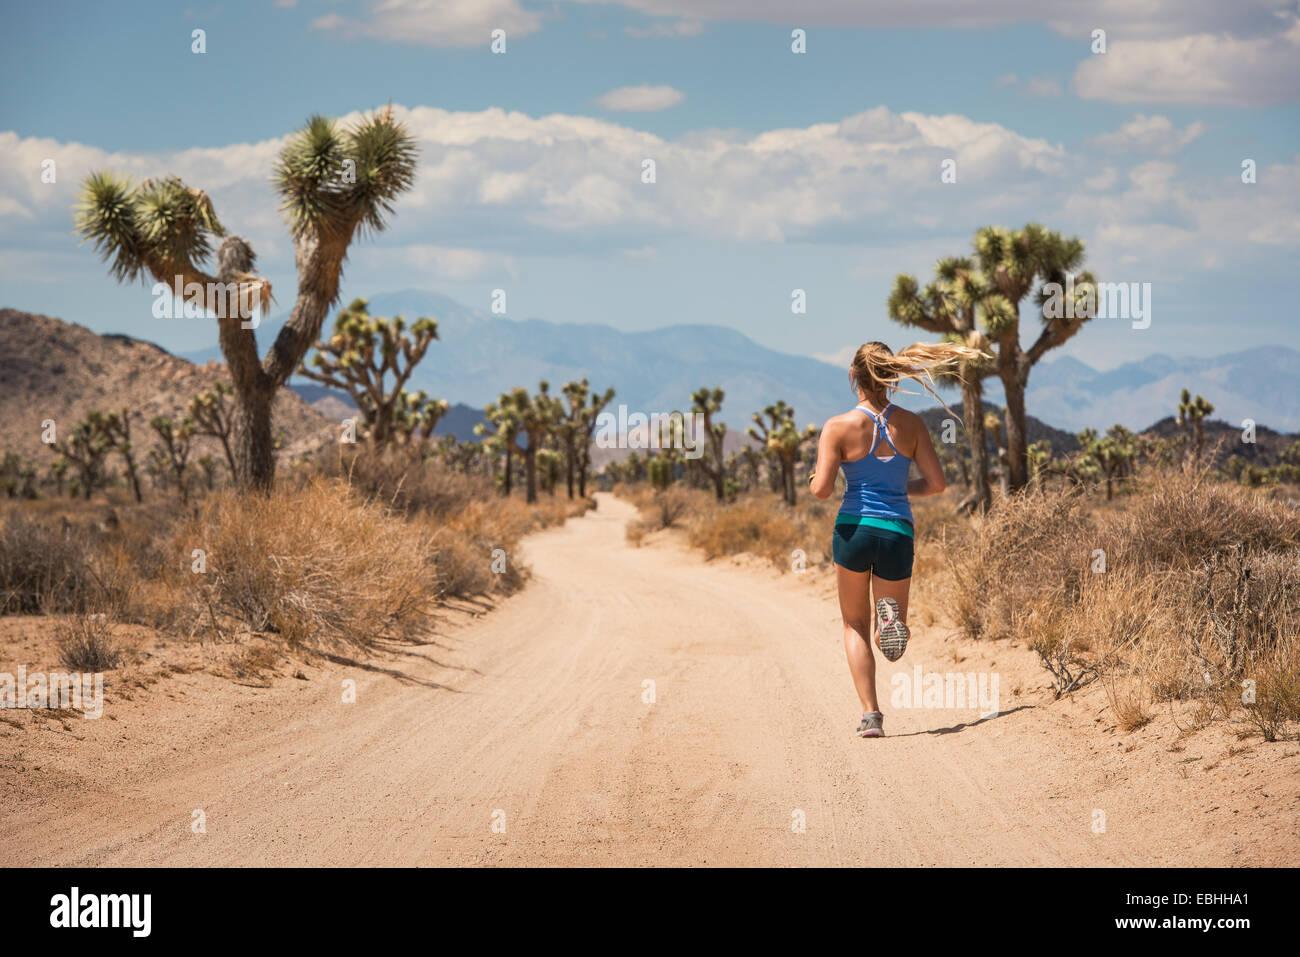 Mujer en marcha, el Parque Nacional Joshua Tree National Park, California, EE.UU. Imagen De Stock